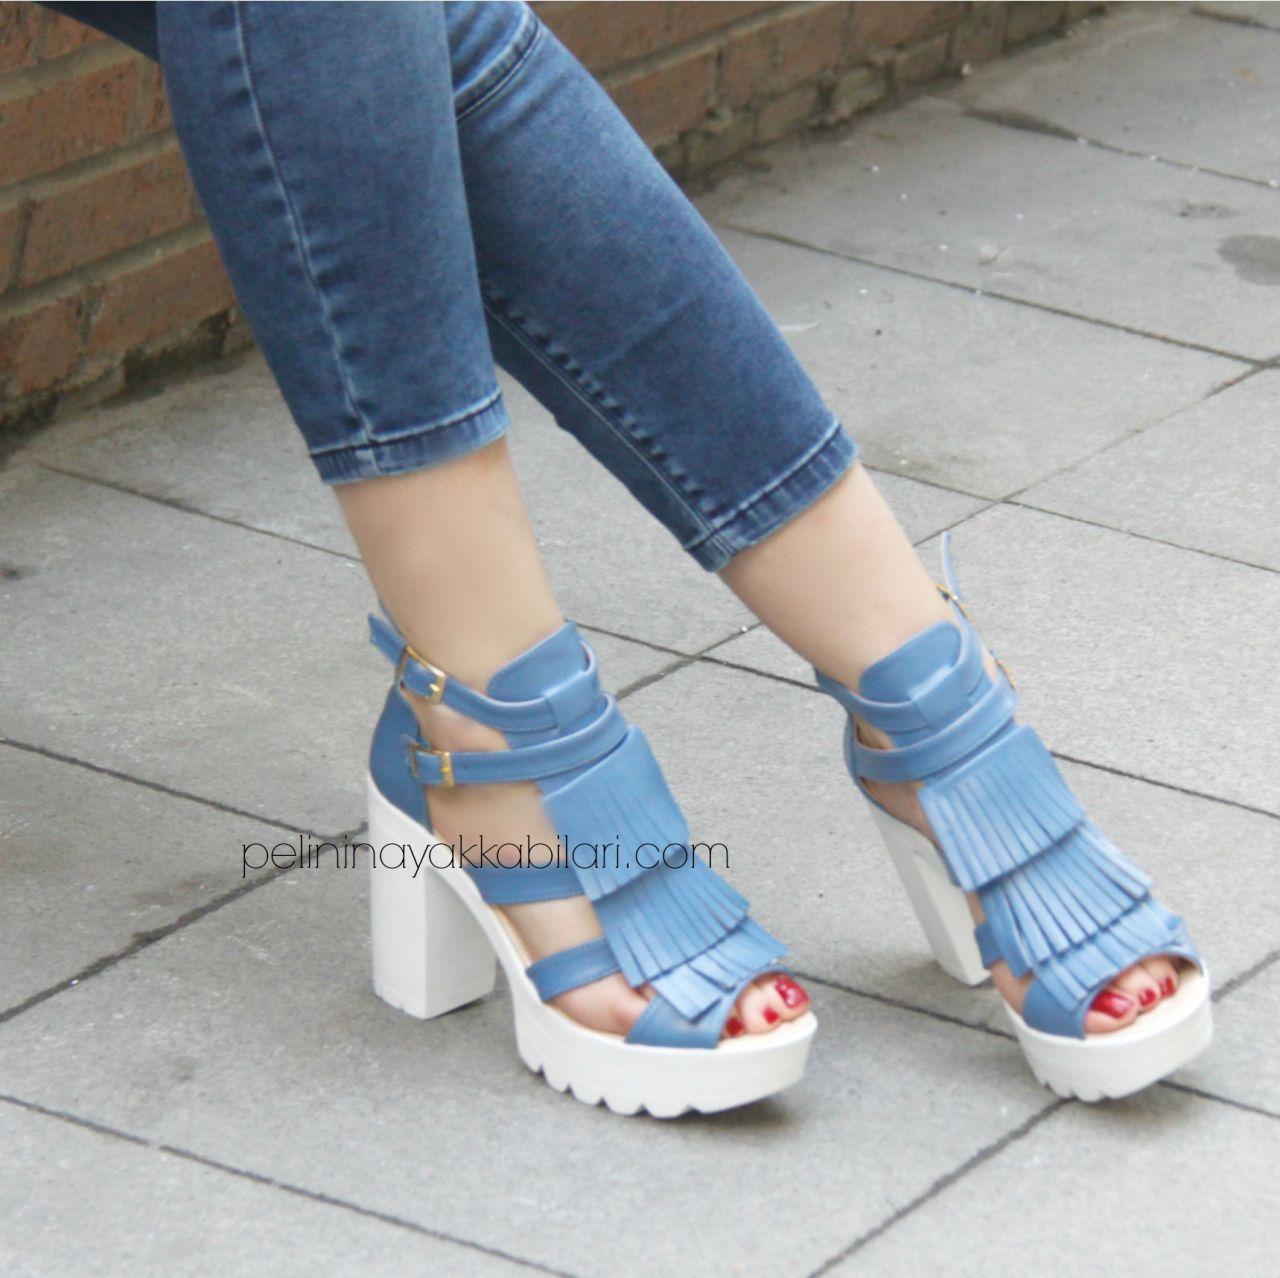 Kalin Beyaz Topuklu Yazlik Bayan Ayakkabi Modelleri Women Shoes Fashion 21 Topuklular Bayan Ayakkabi Moda Ayakkabilar